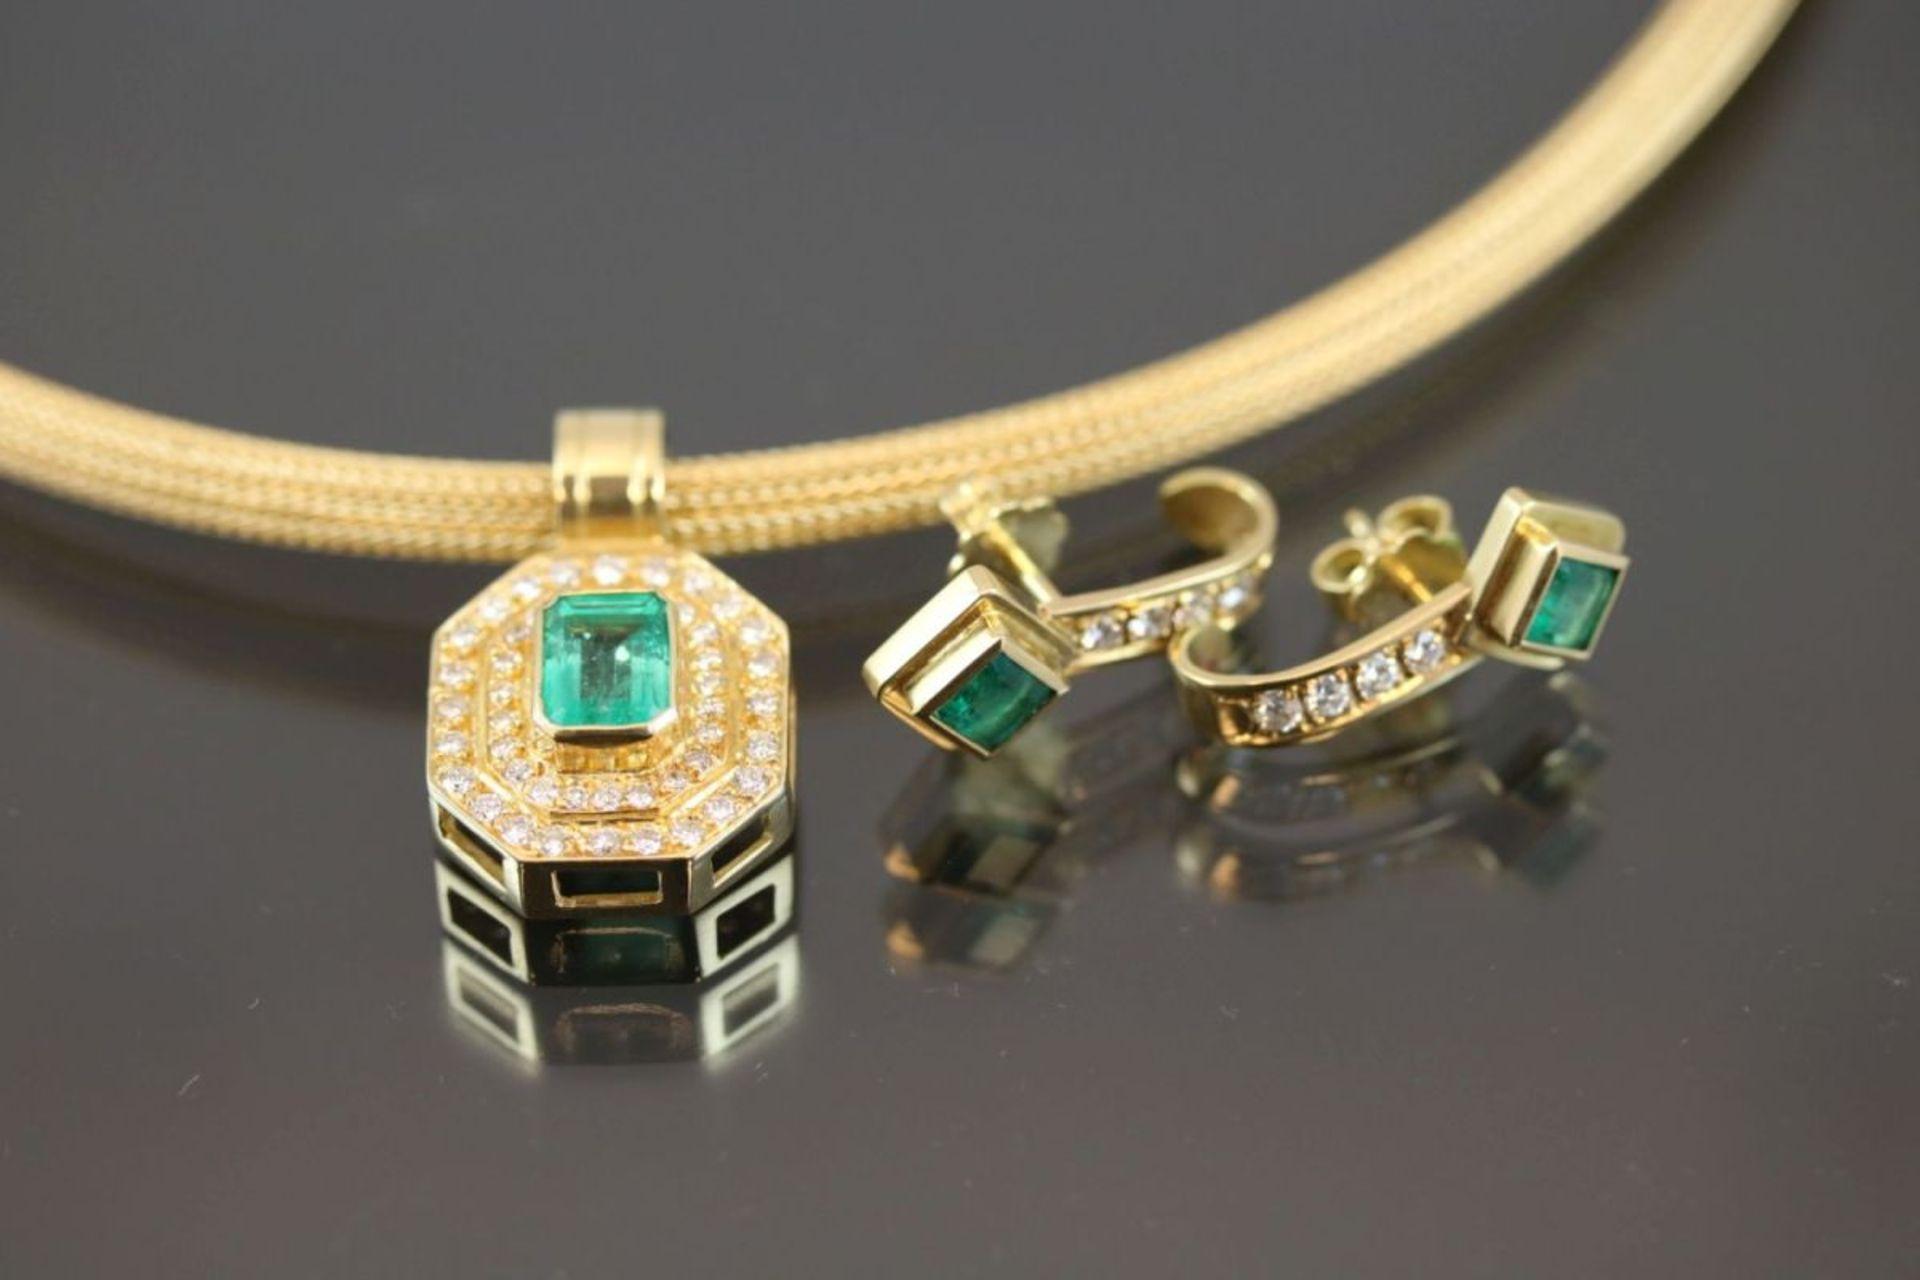 Smaragd-Brillant-Set, 750 Gelbgold34,9 Gramm Brillanten, 1,14 ct., tw/vvsi. Set besteht aus einem